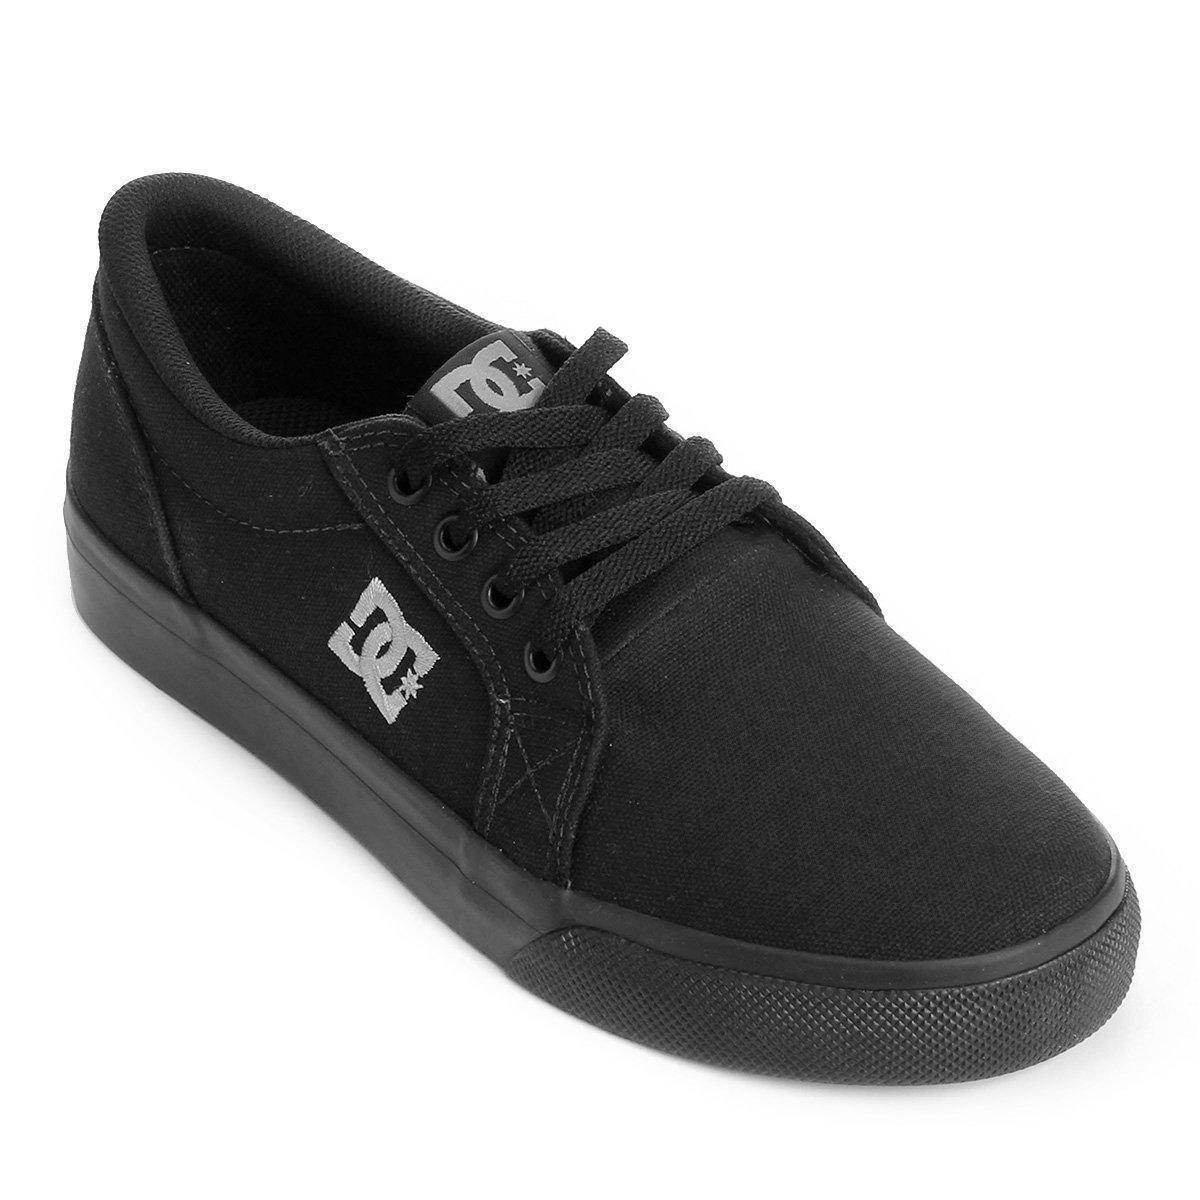 cbef249168779 Tênis Femininos Dc Shoes - Skate